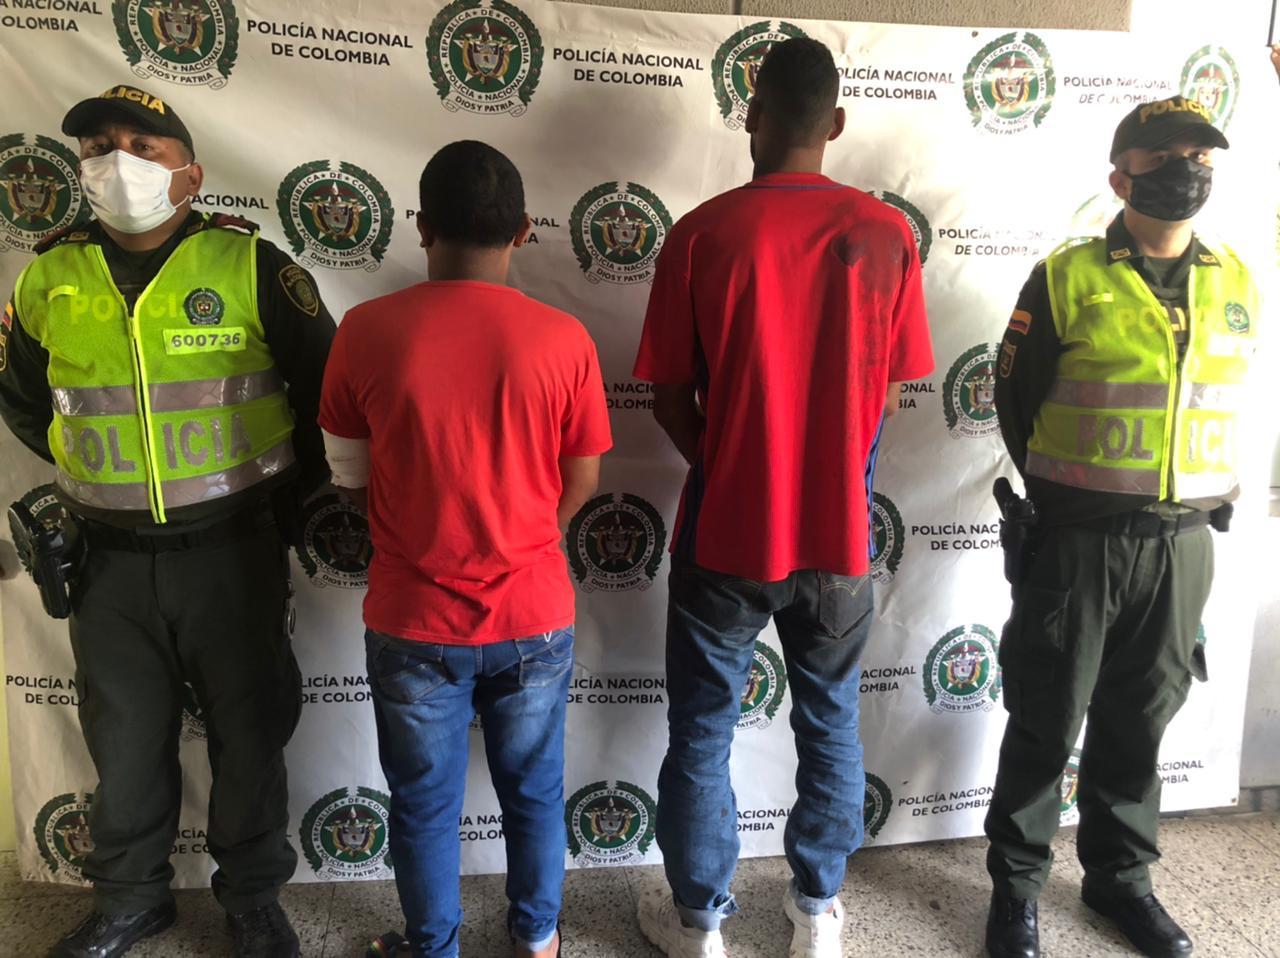 https://www.notasrosas.com/Lesiones Personales: delito por el cual fueron capturadas cinco personas en Riohacha